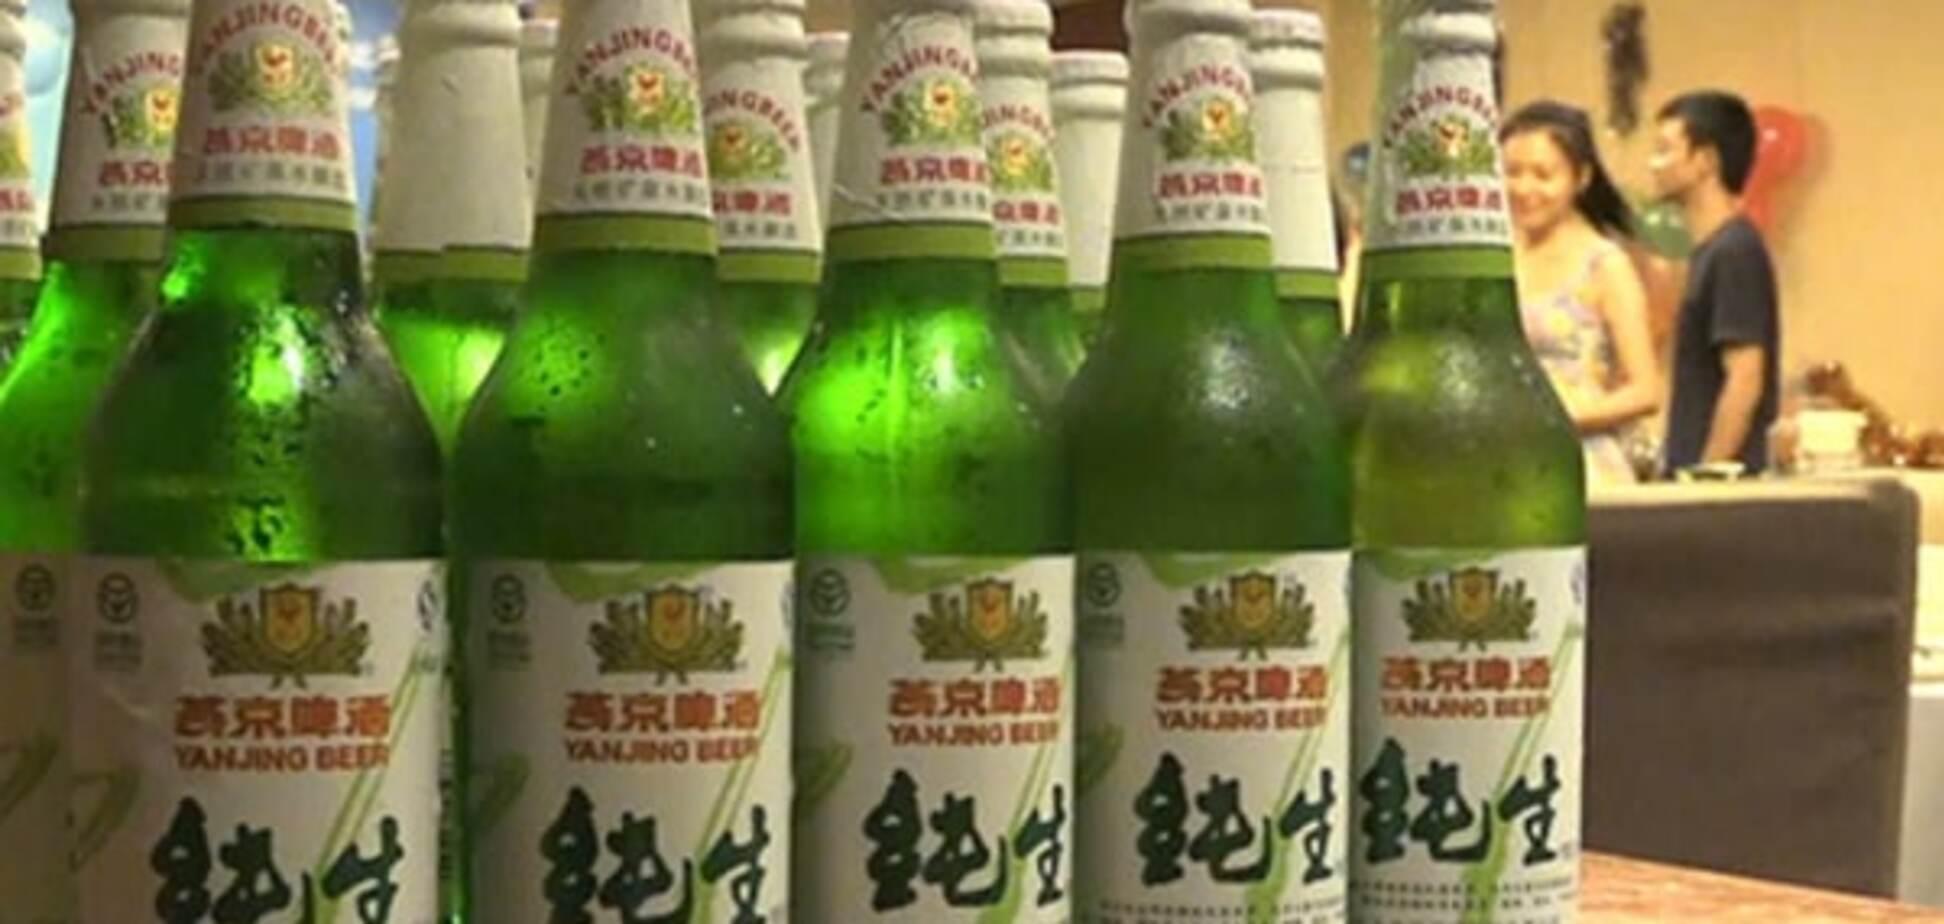 Китайцы создали новую марку дешевого пива и назвали ее именем Путина